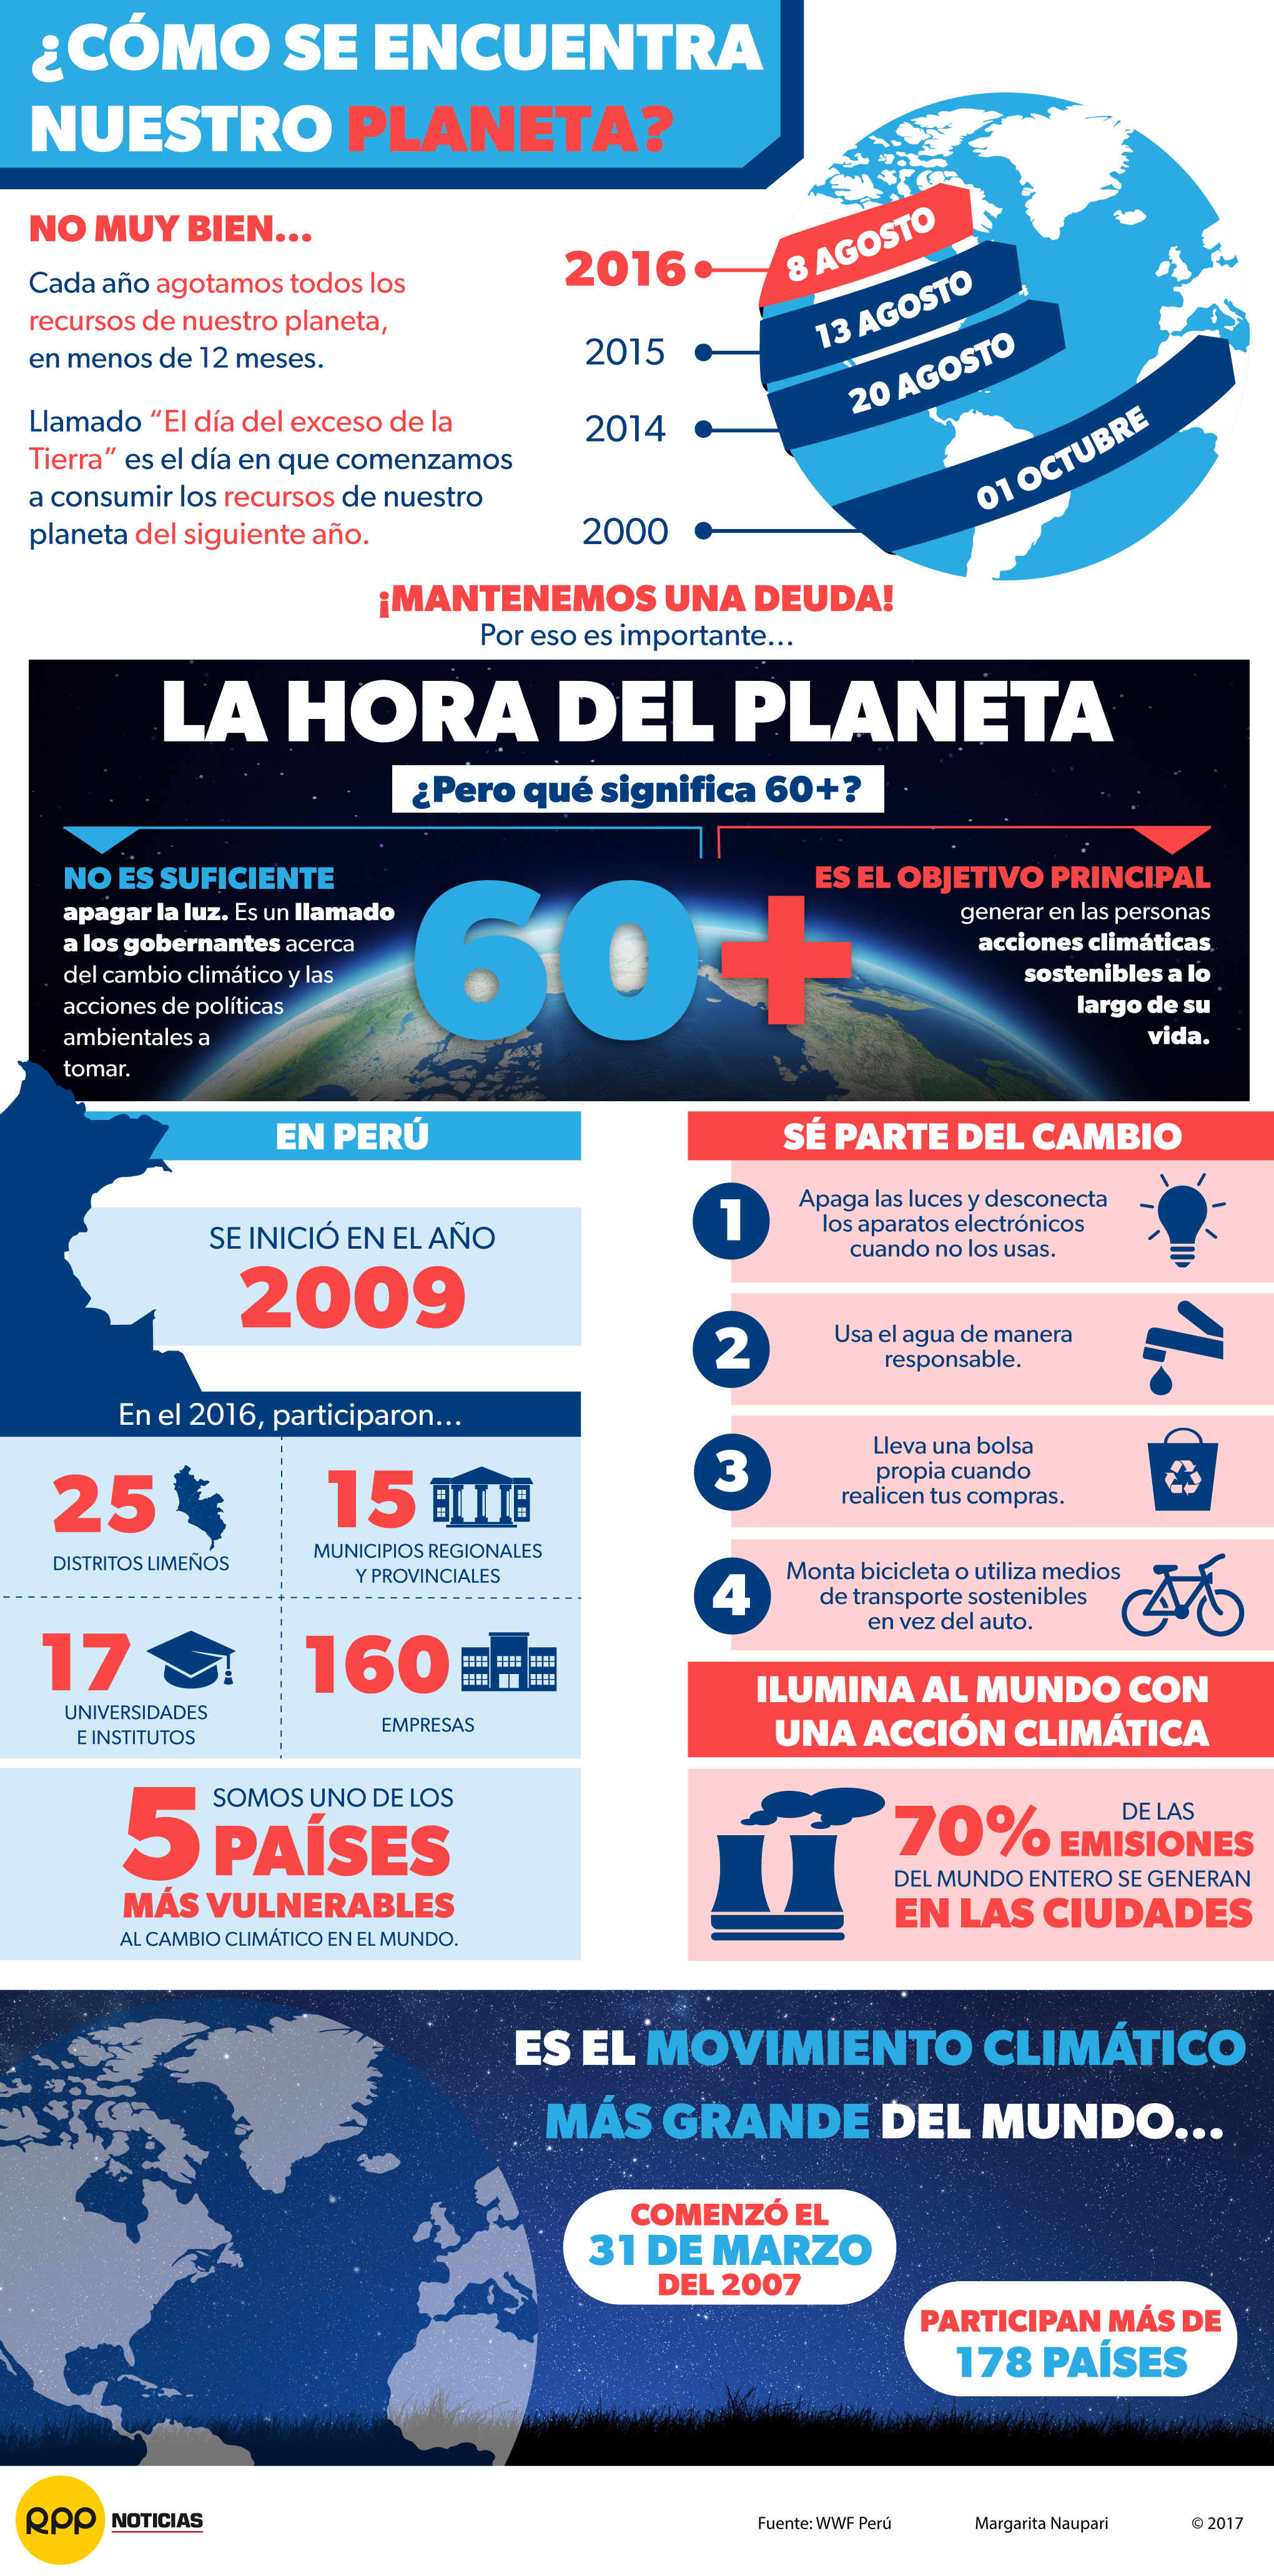 La Hora del Planeta: ¿Qué significa el 60+?